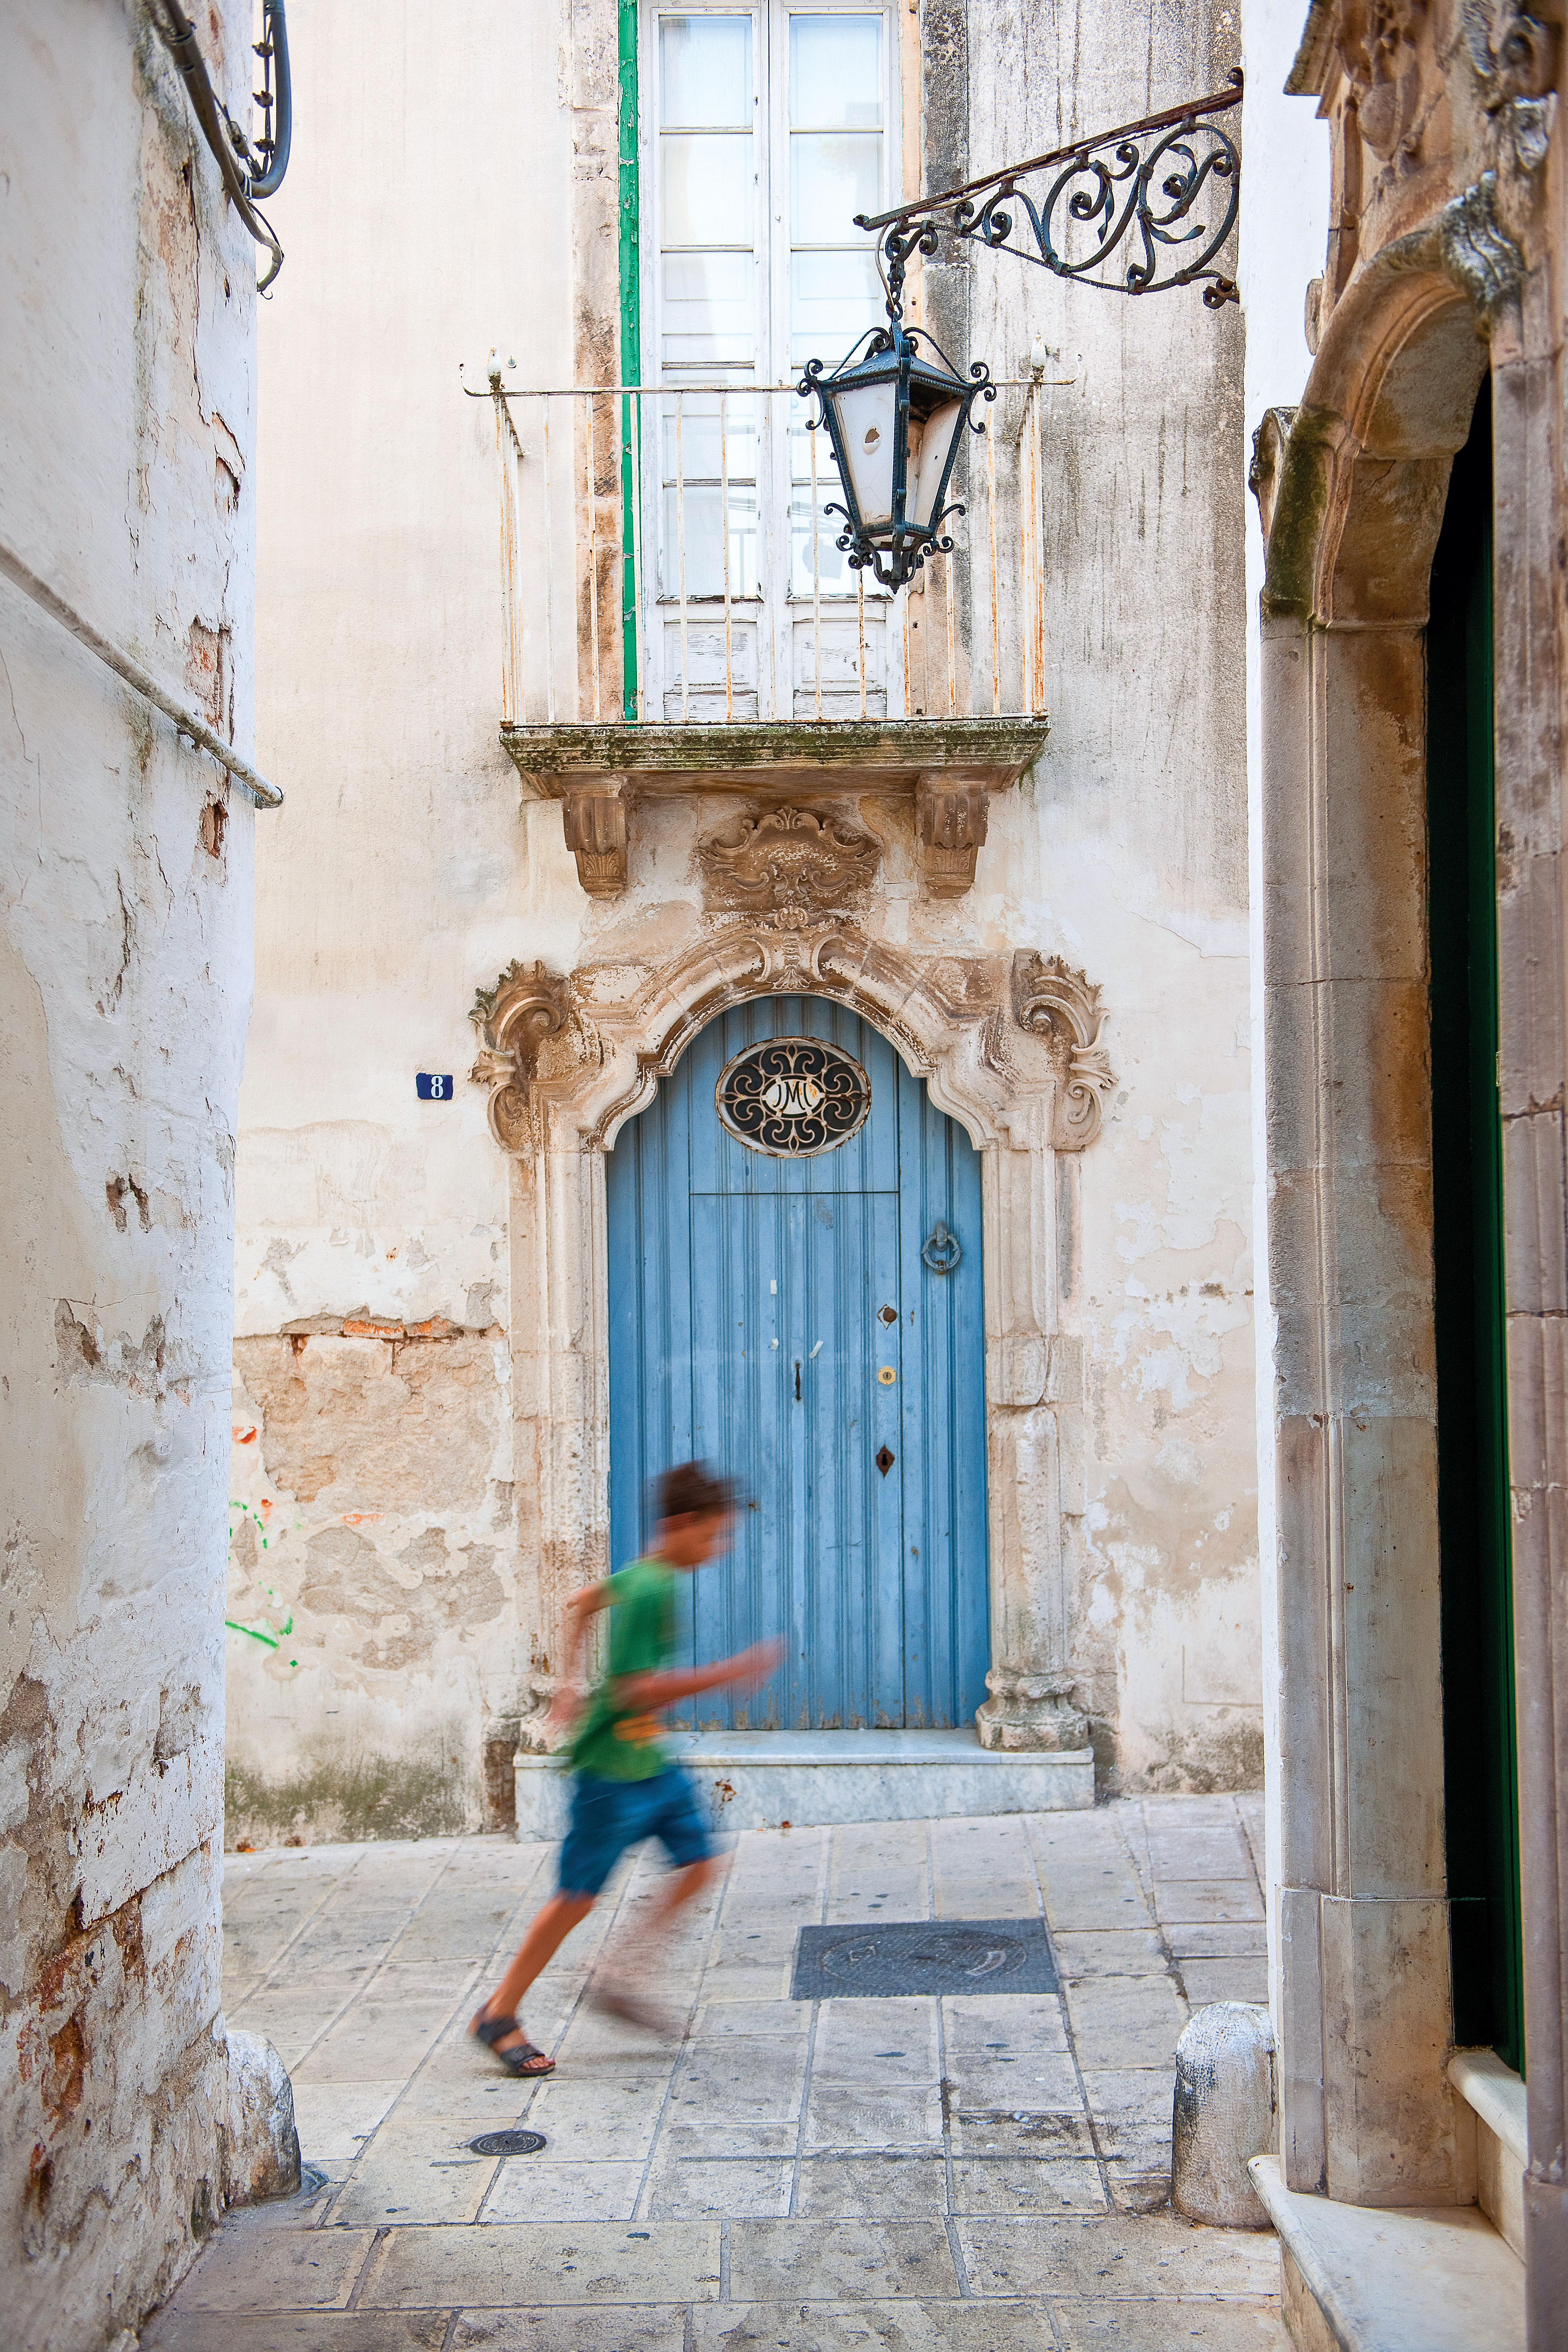 Uma rua com uma grande e ricamente decorada porta. Um menino pequeno corre em frente ao lugar